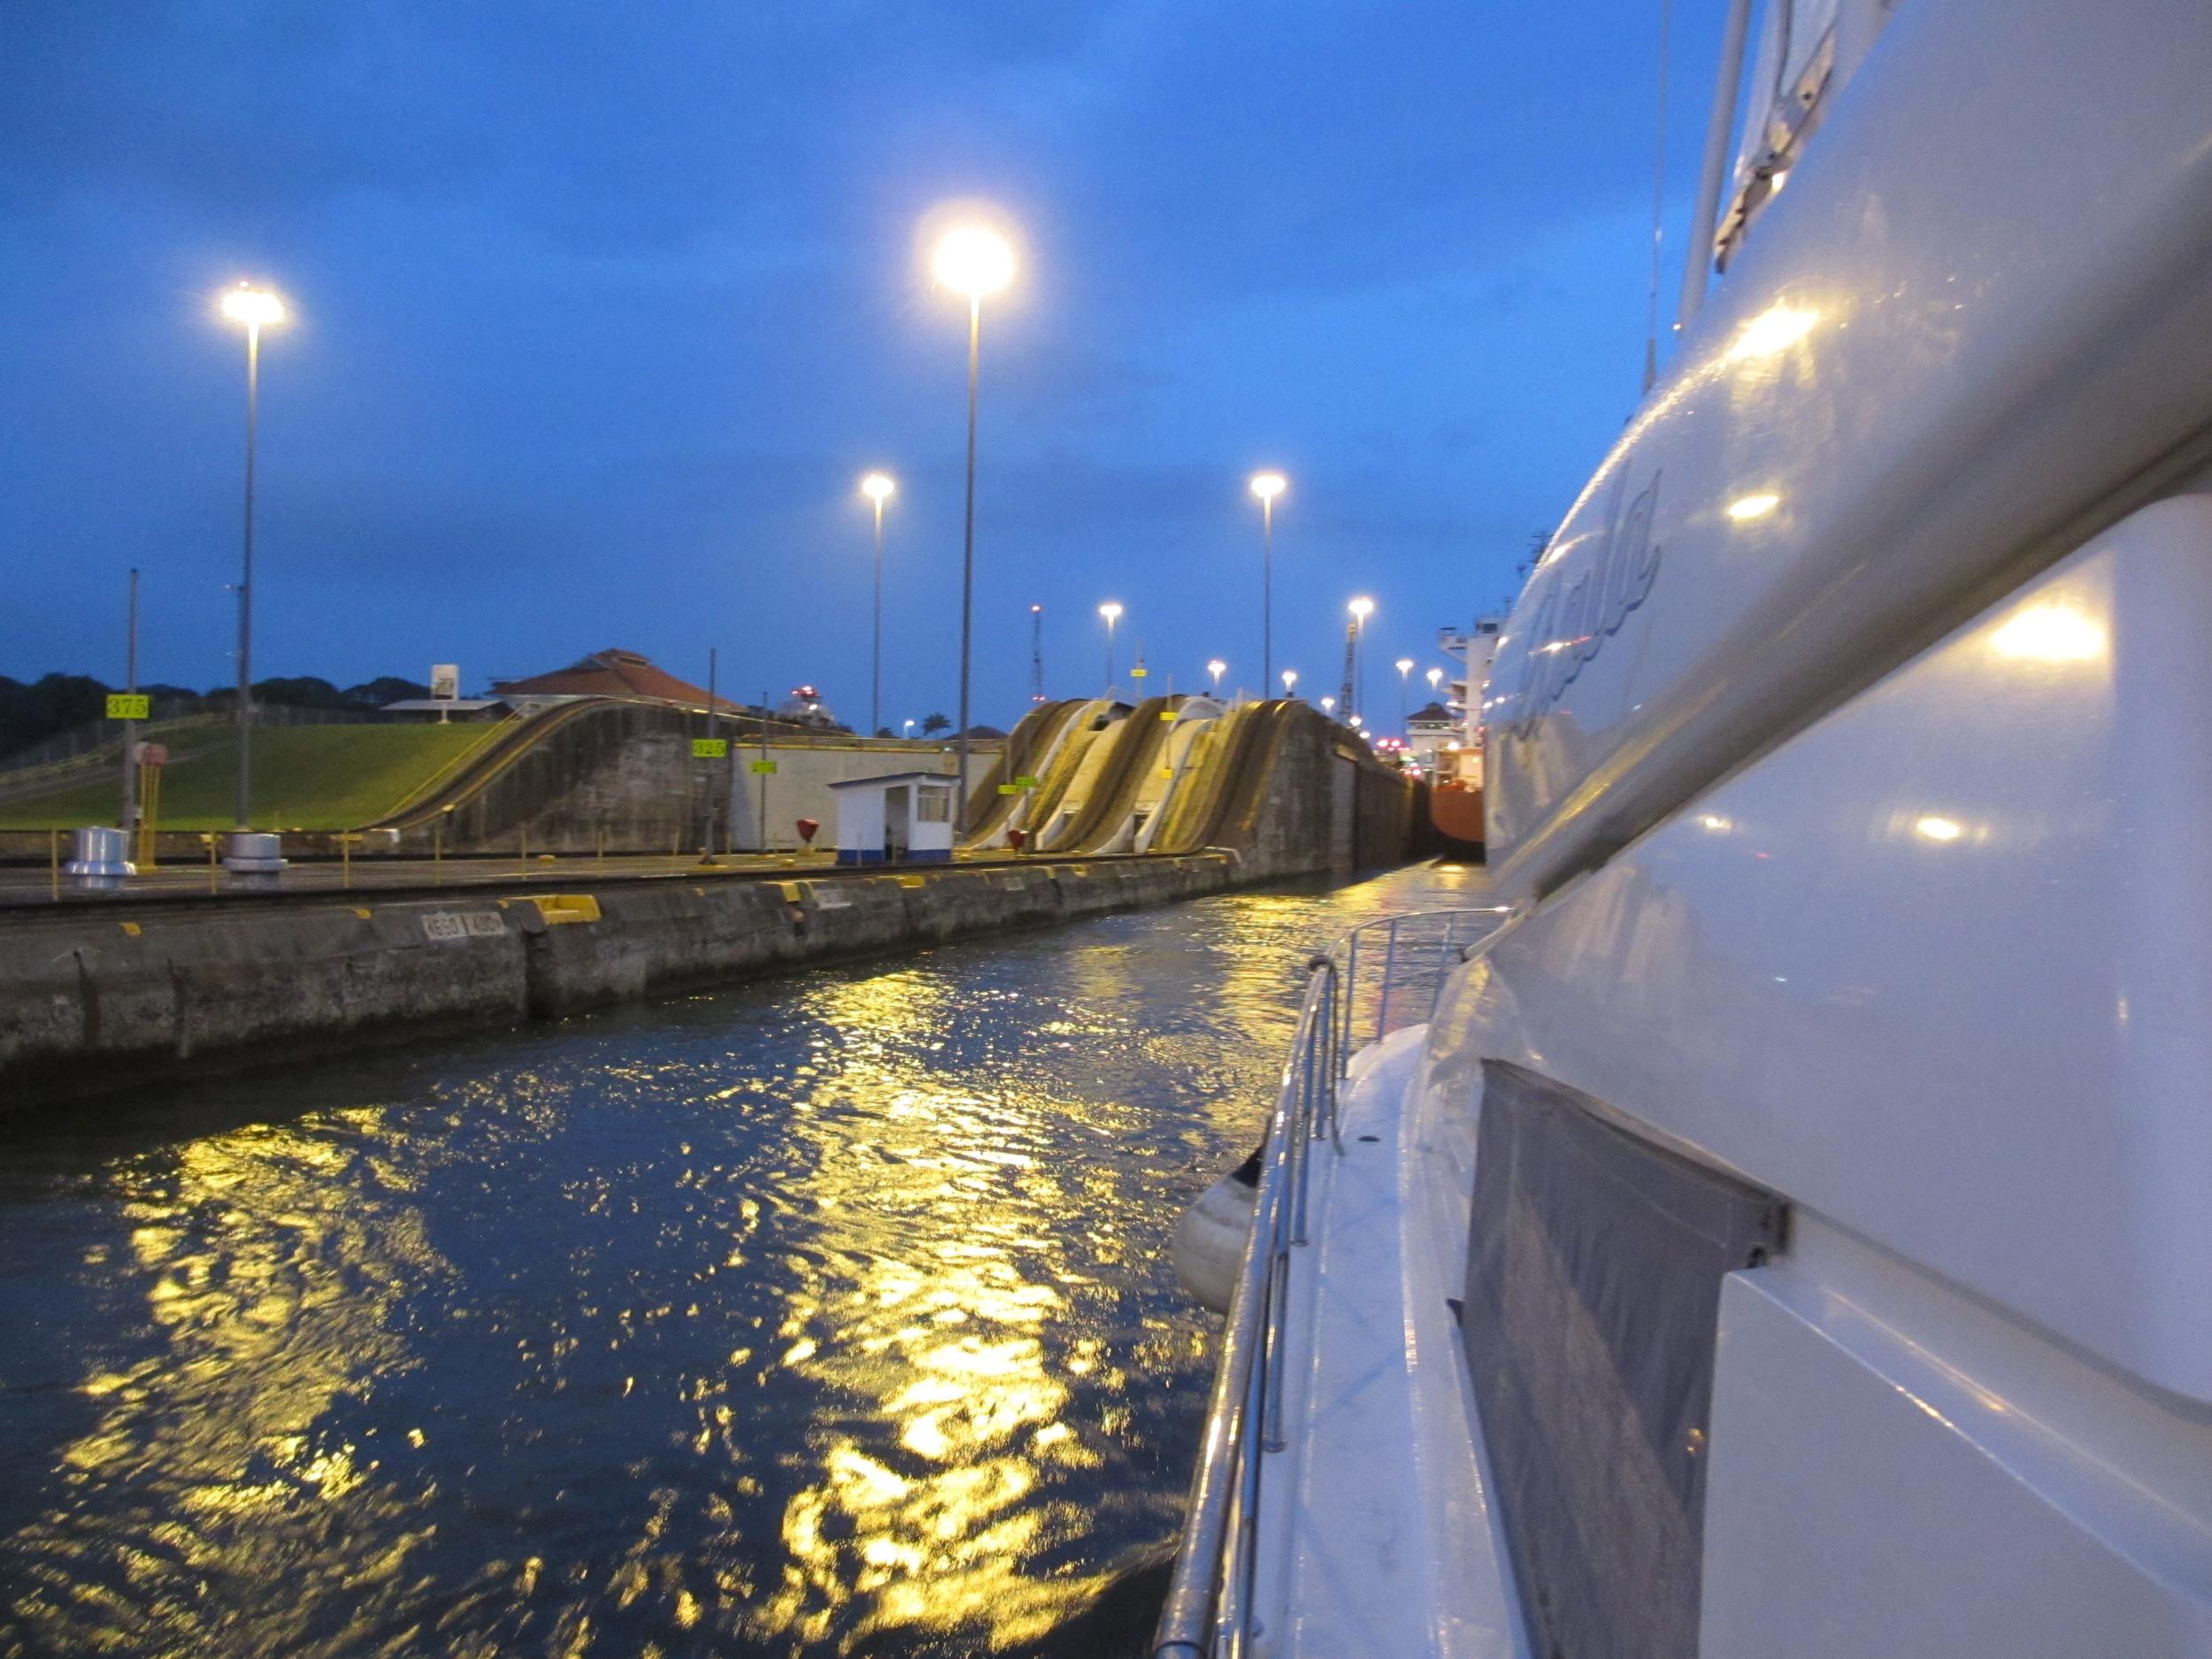 Panana Canal at night